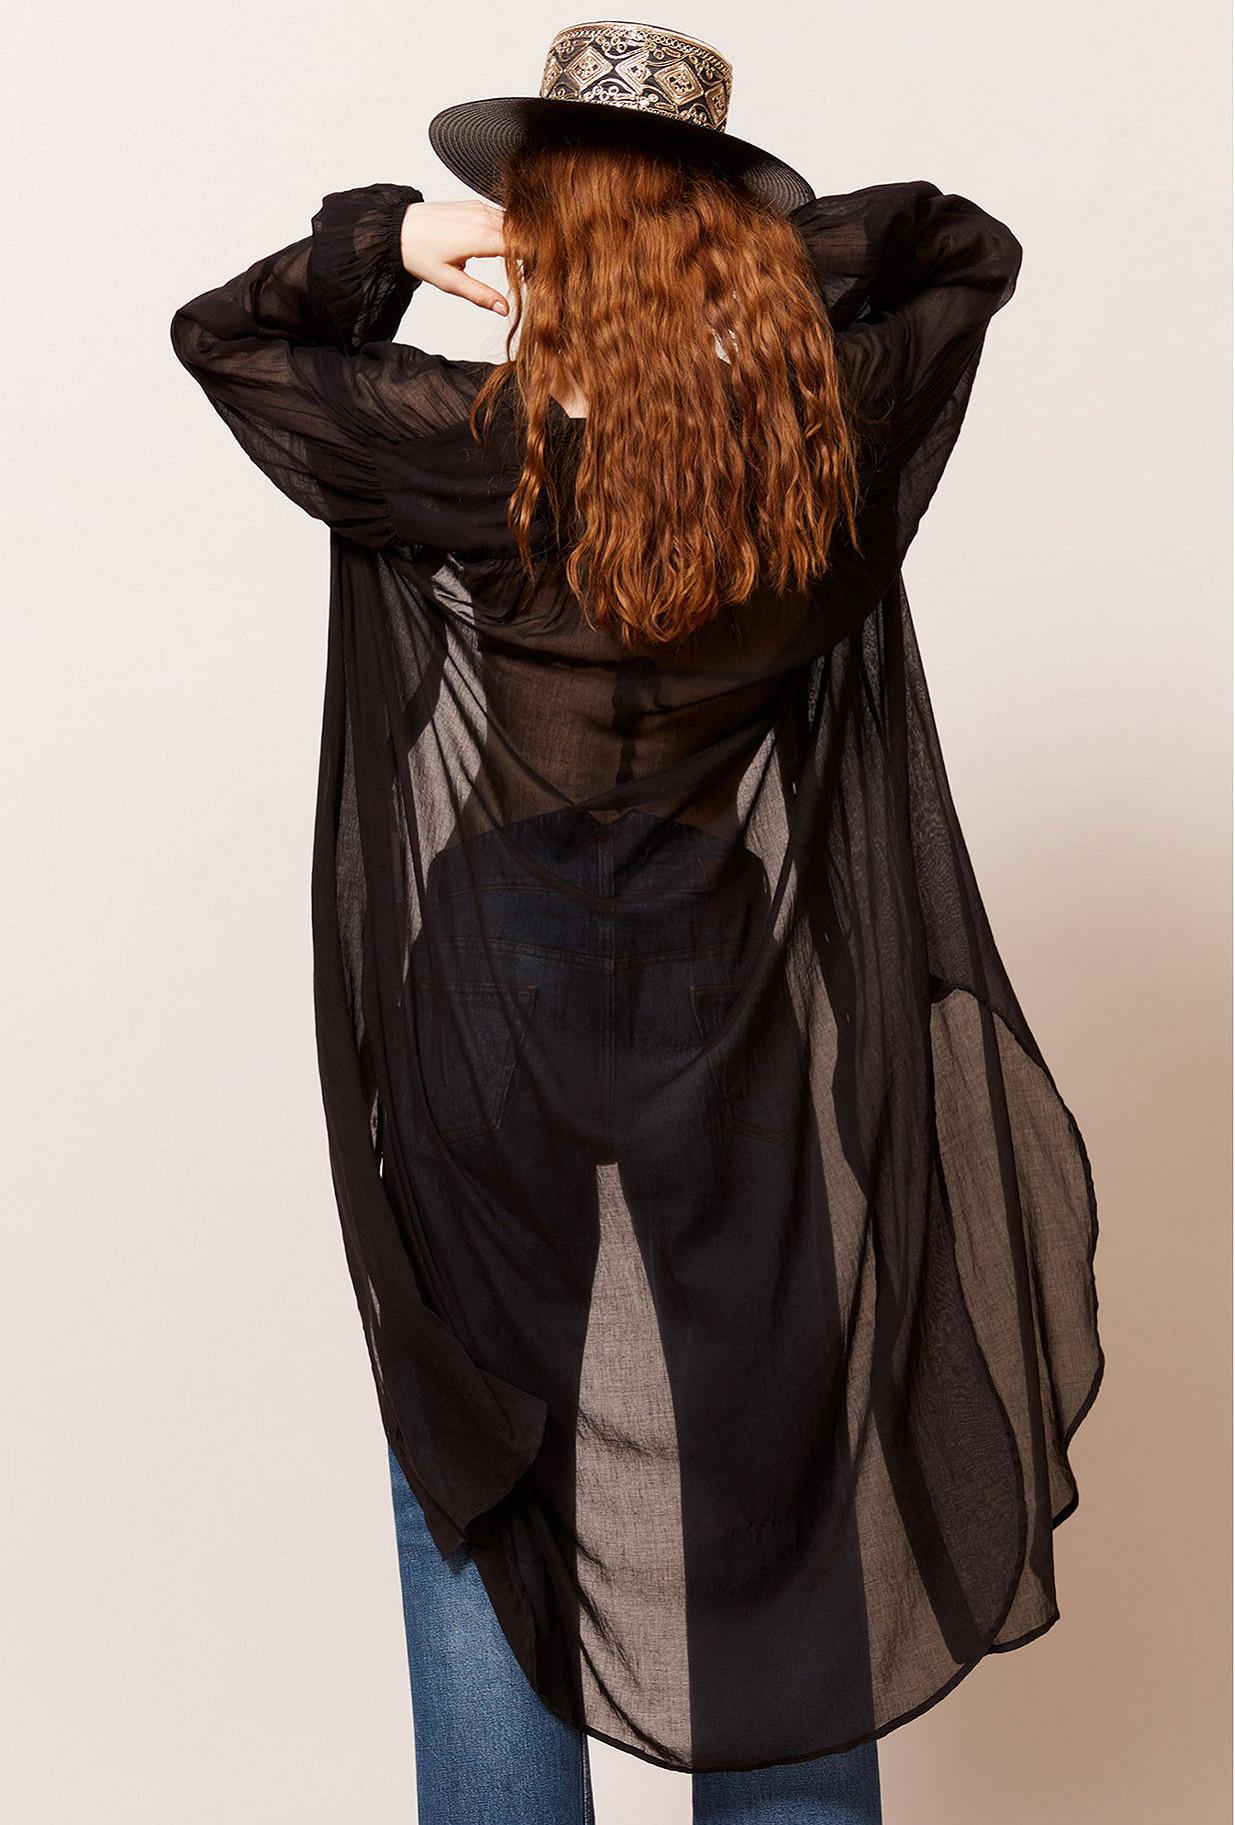 Robe Noir  Oscar mes demoiselles paris vêtement femme paris